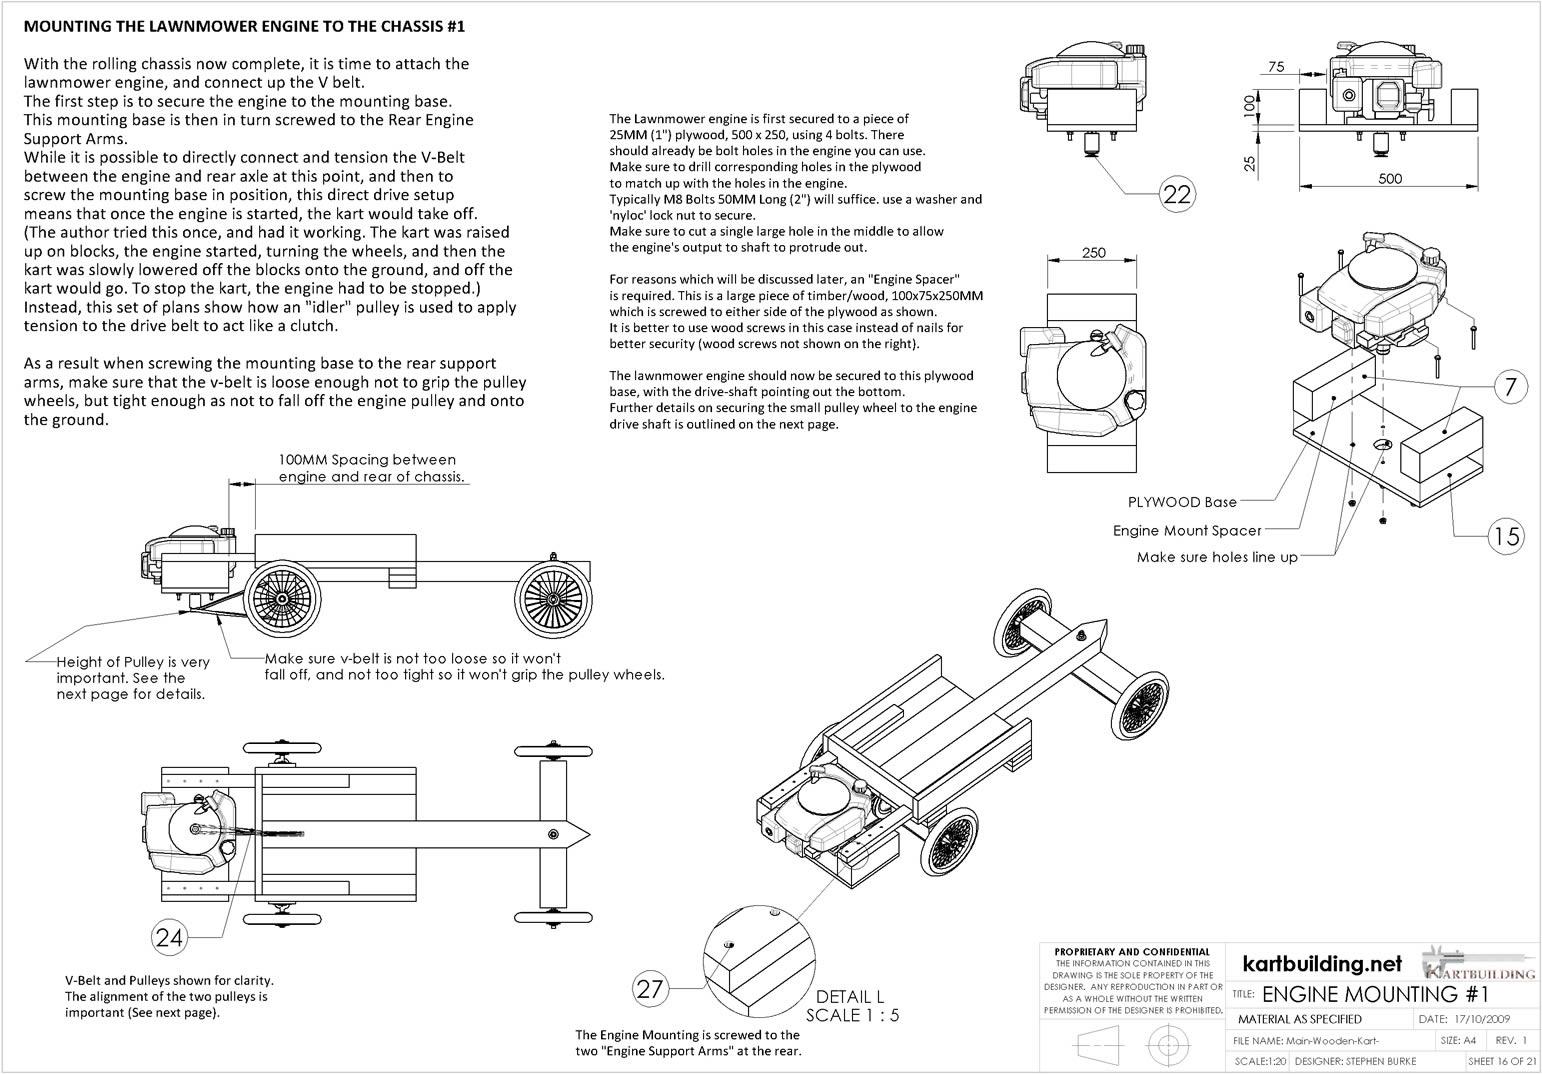 kubota b2100 wiring diagram  kubota  get free image about wiring diagram kubota b20 service manual kubota b20 service manual